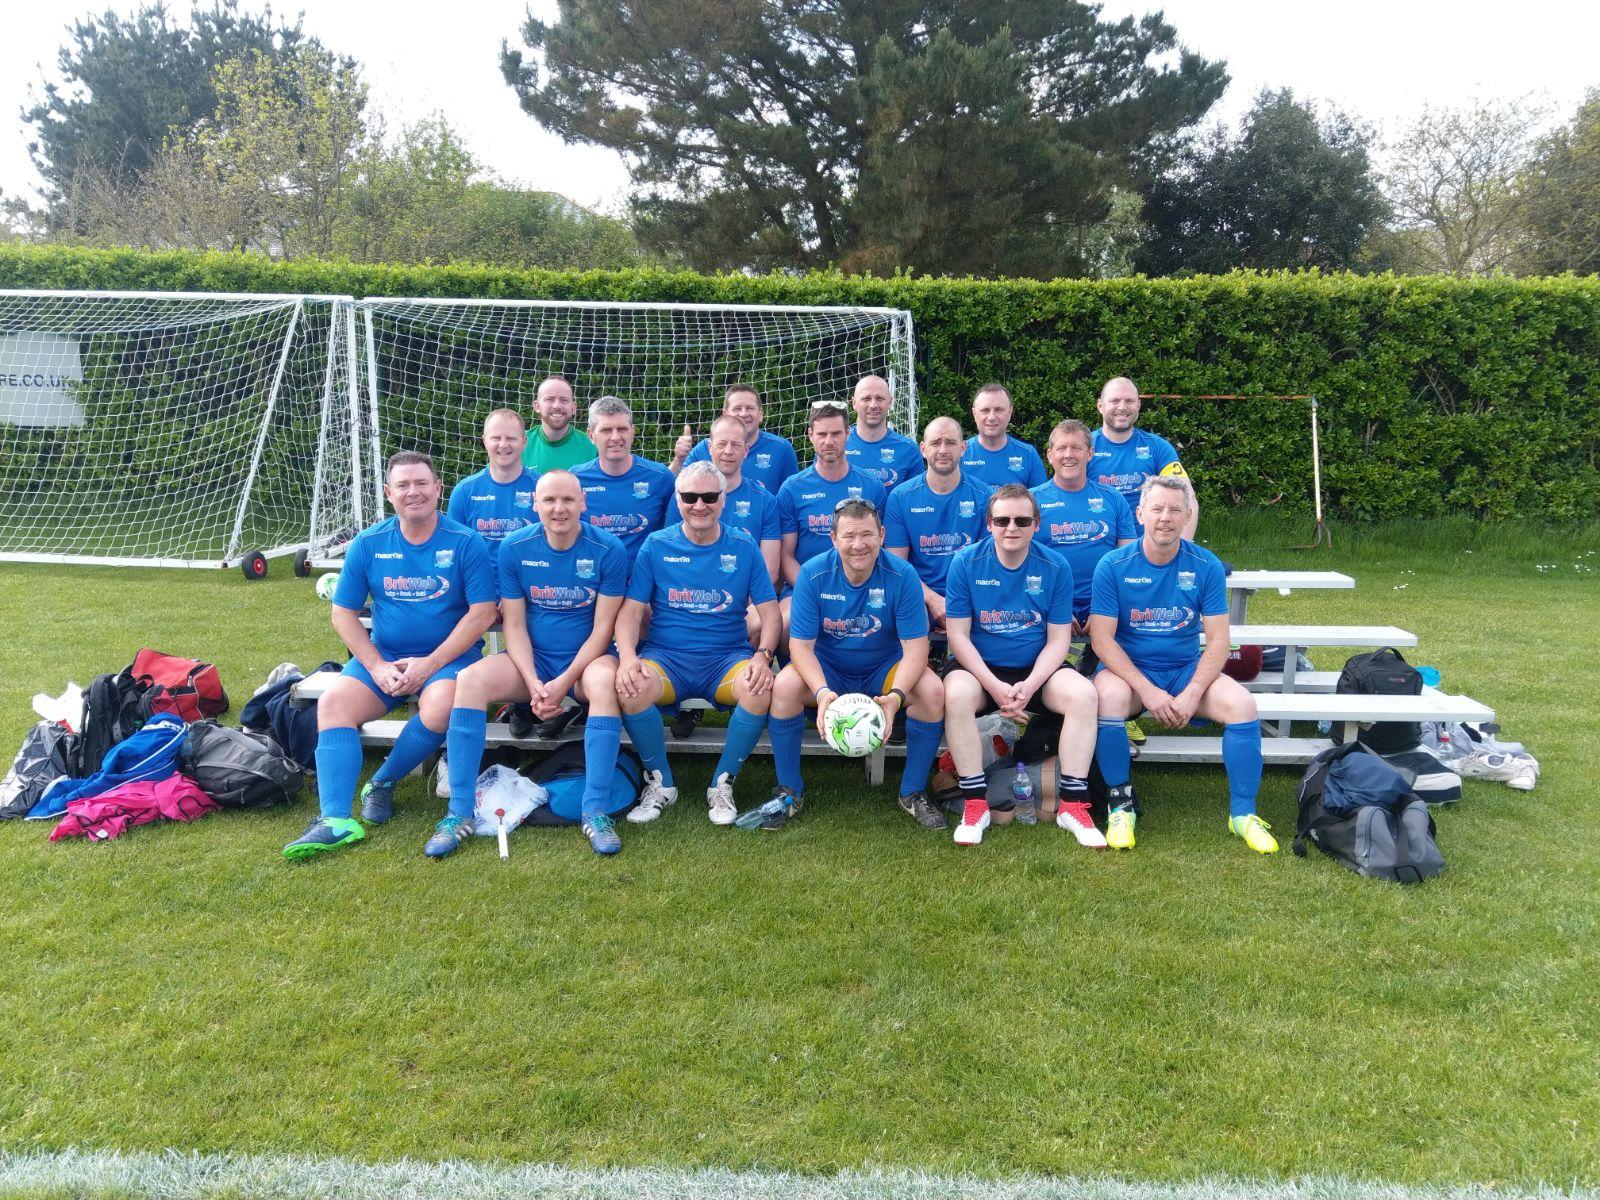 Vets Jersey Tour team 2